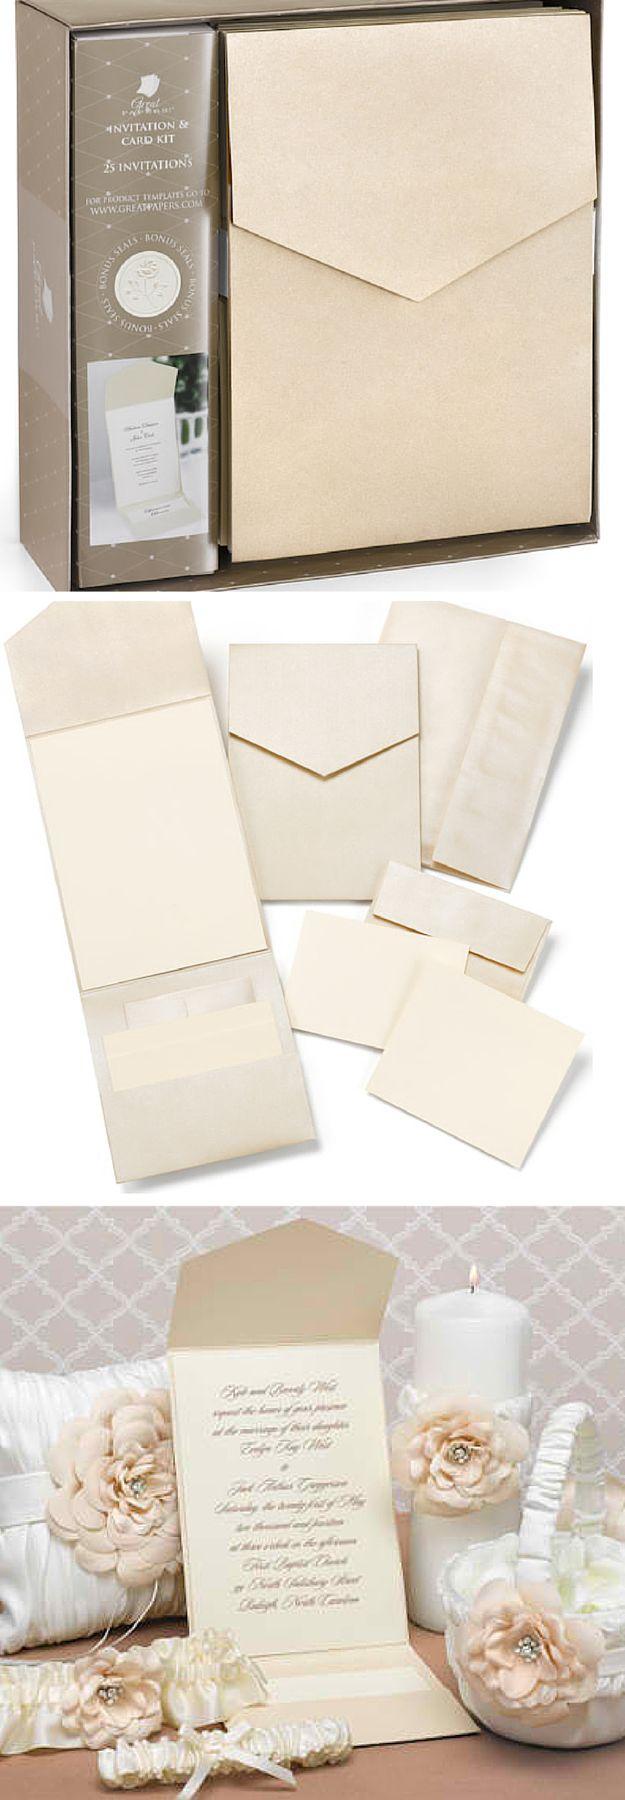 Champagne Shimmer DIY Pocket Wedding Invitation Kit|DIY Wedding Invitation Kits,see more at: http://diyready.com/diy-wedding-invitation-kits/